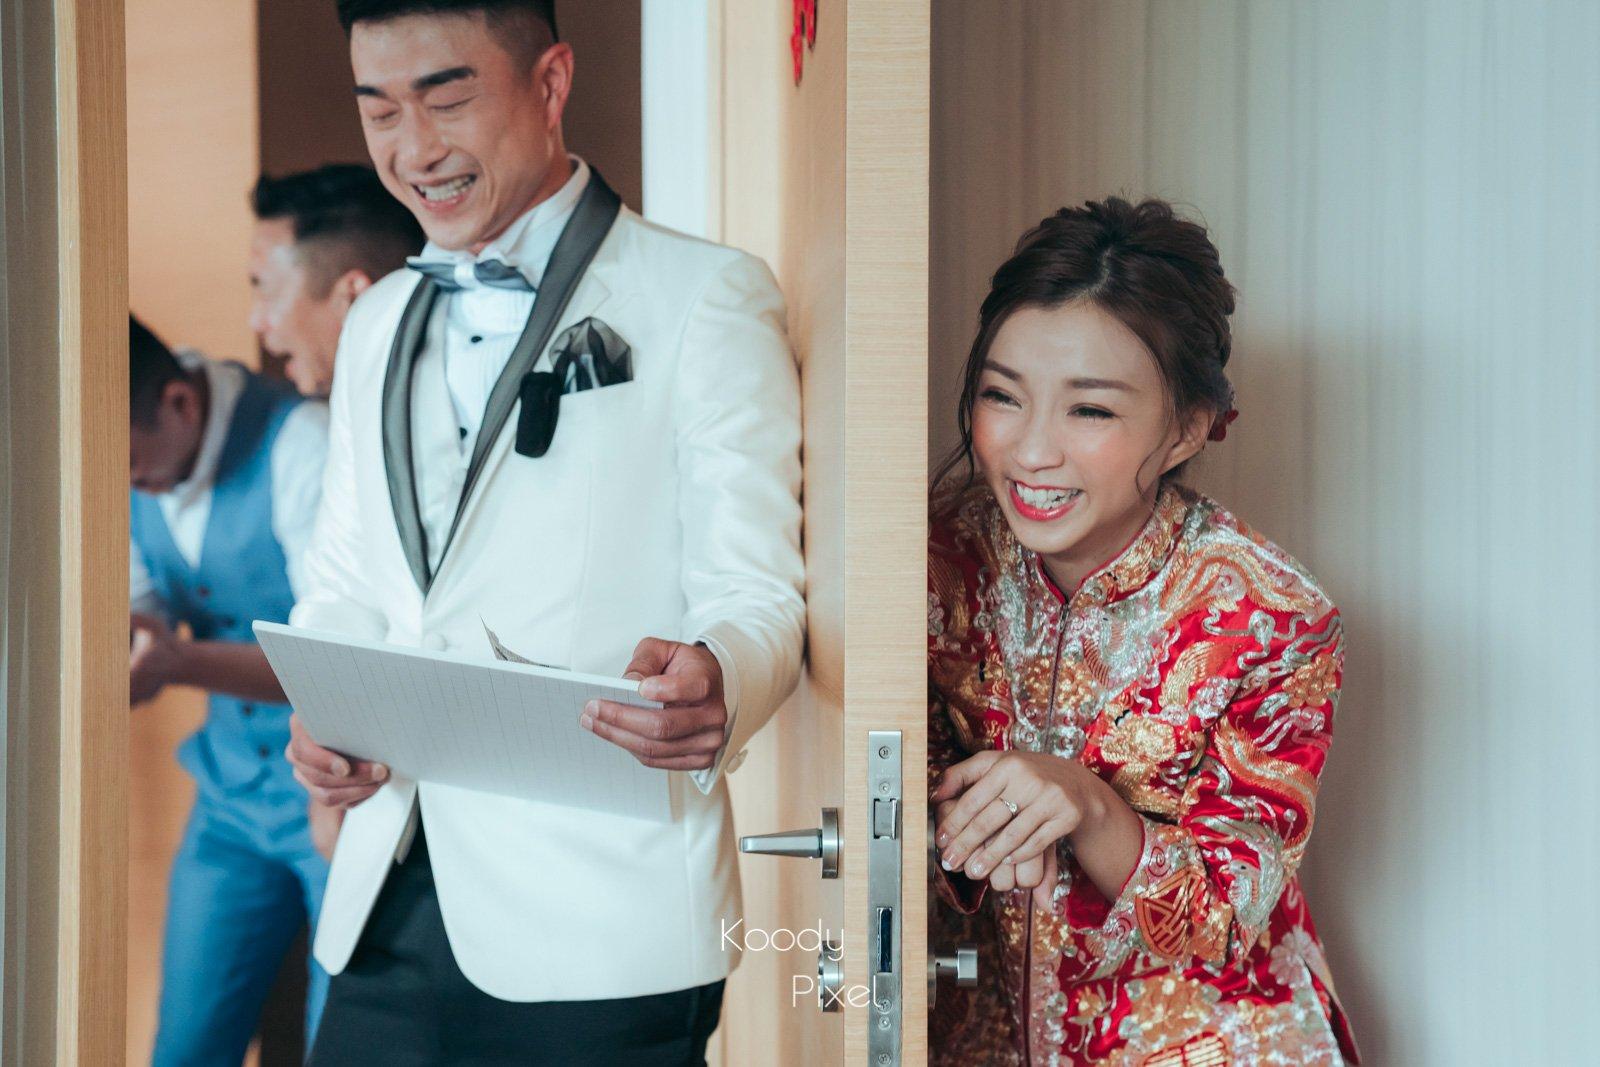 男主角獨自準備的愛的宣言,笑爆婚禮現場?